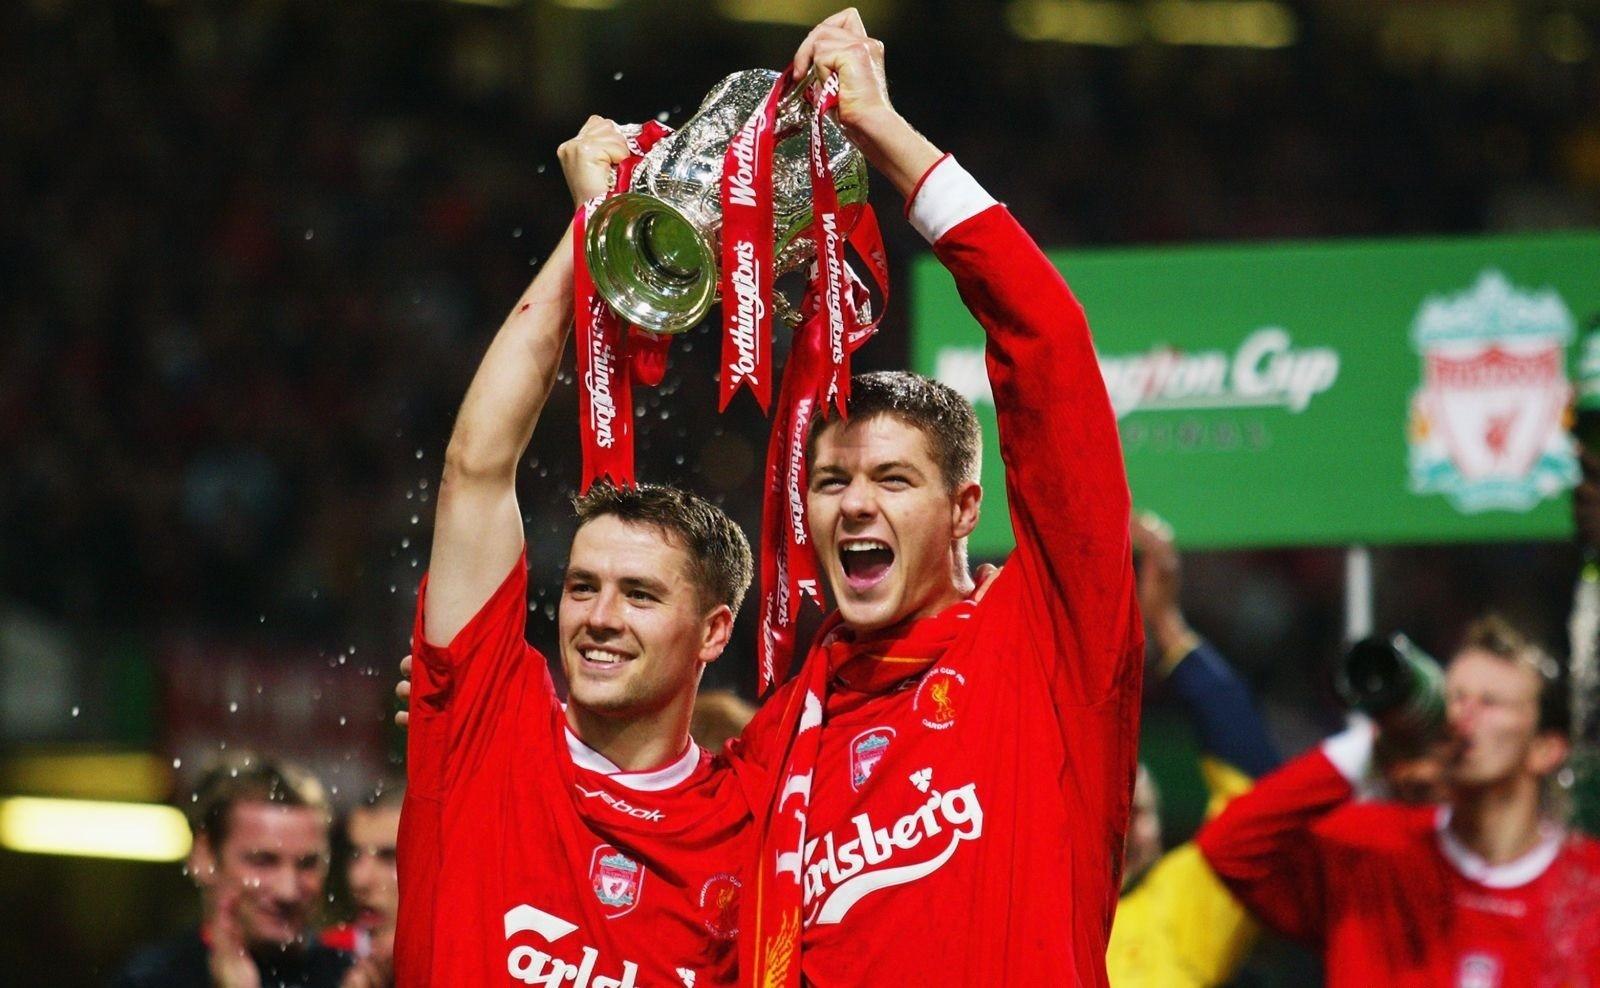 嘉士伯1992-2010长达18年利物浦胸前广告赞助